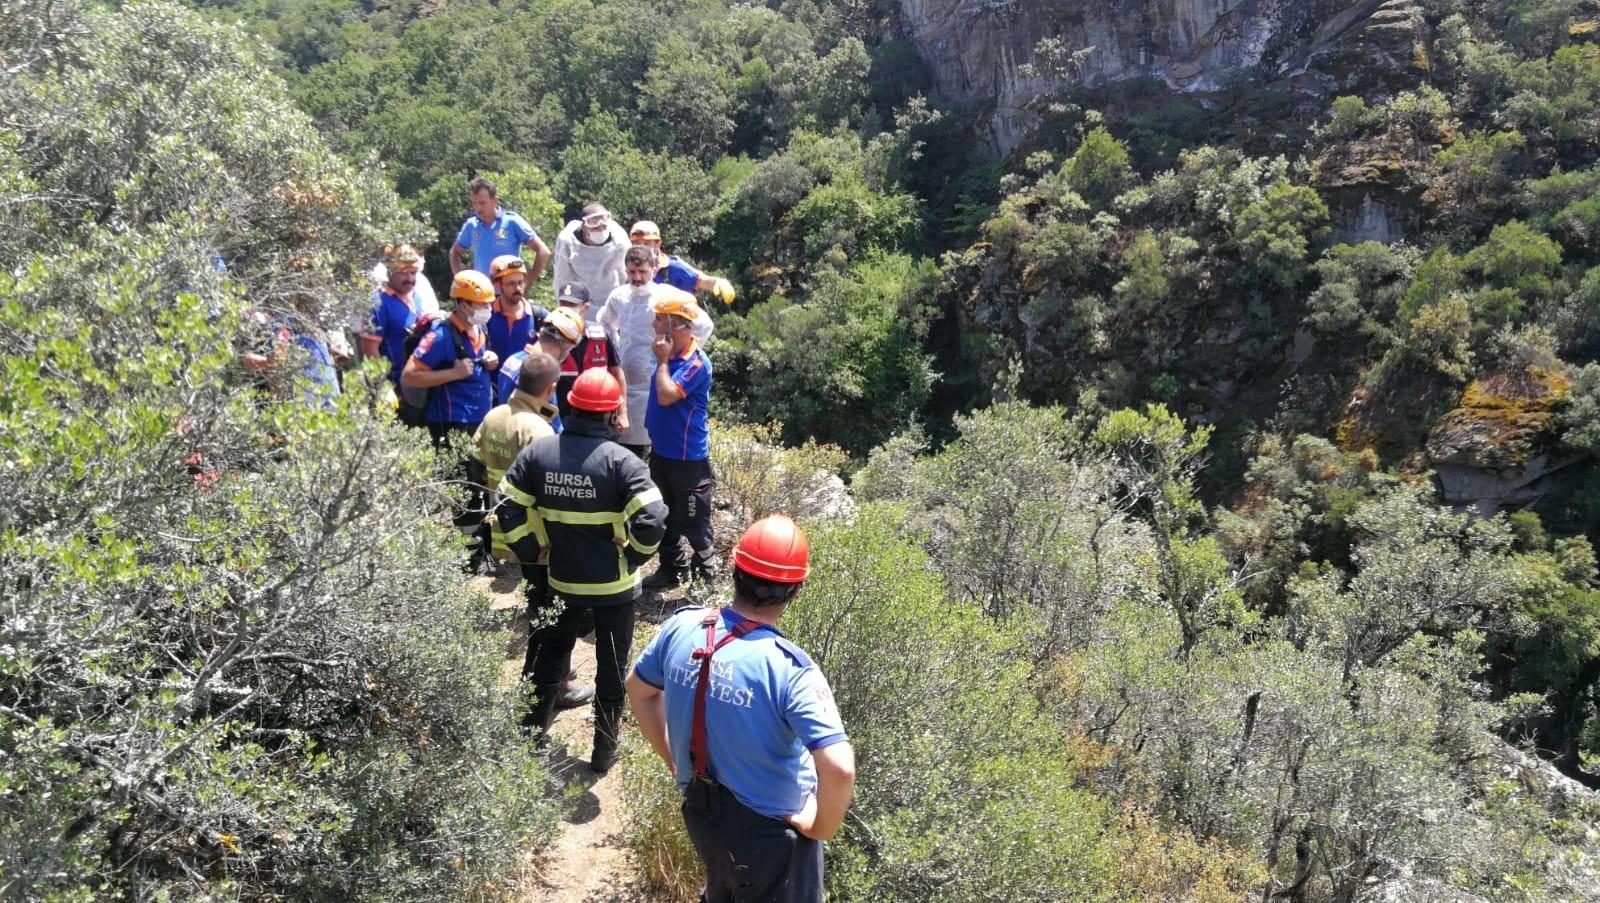 Dinamitle vadiye giden 2 kişi kendilerini yaralayıp mahsur kaldı